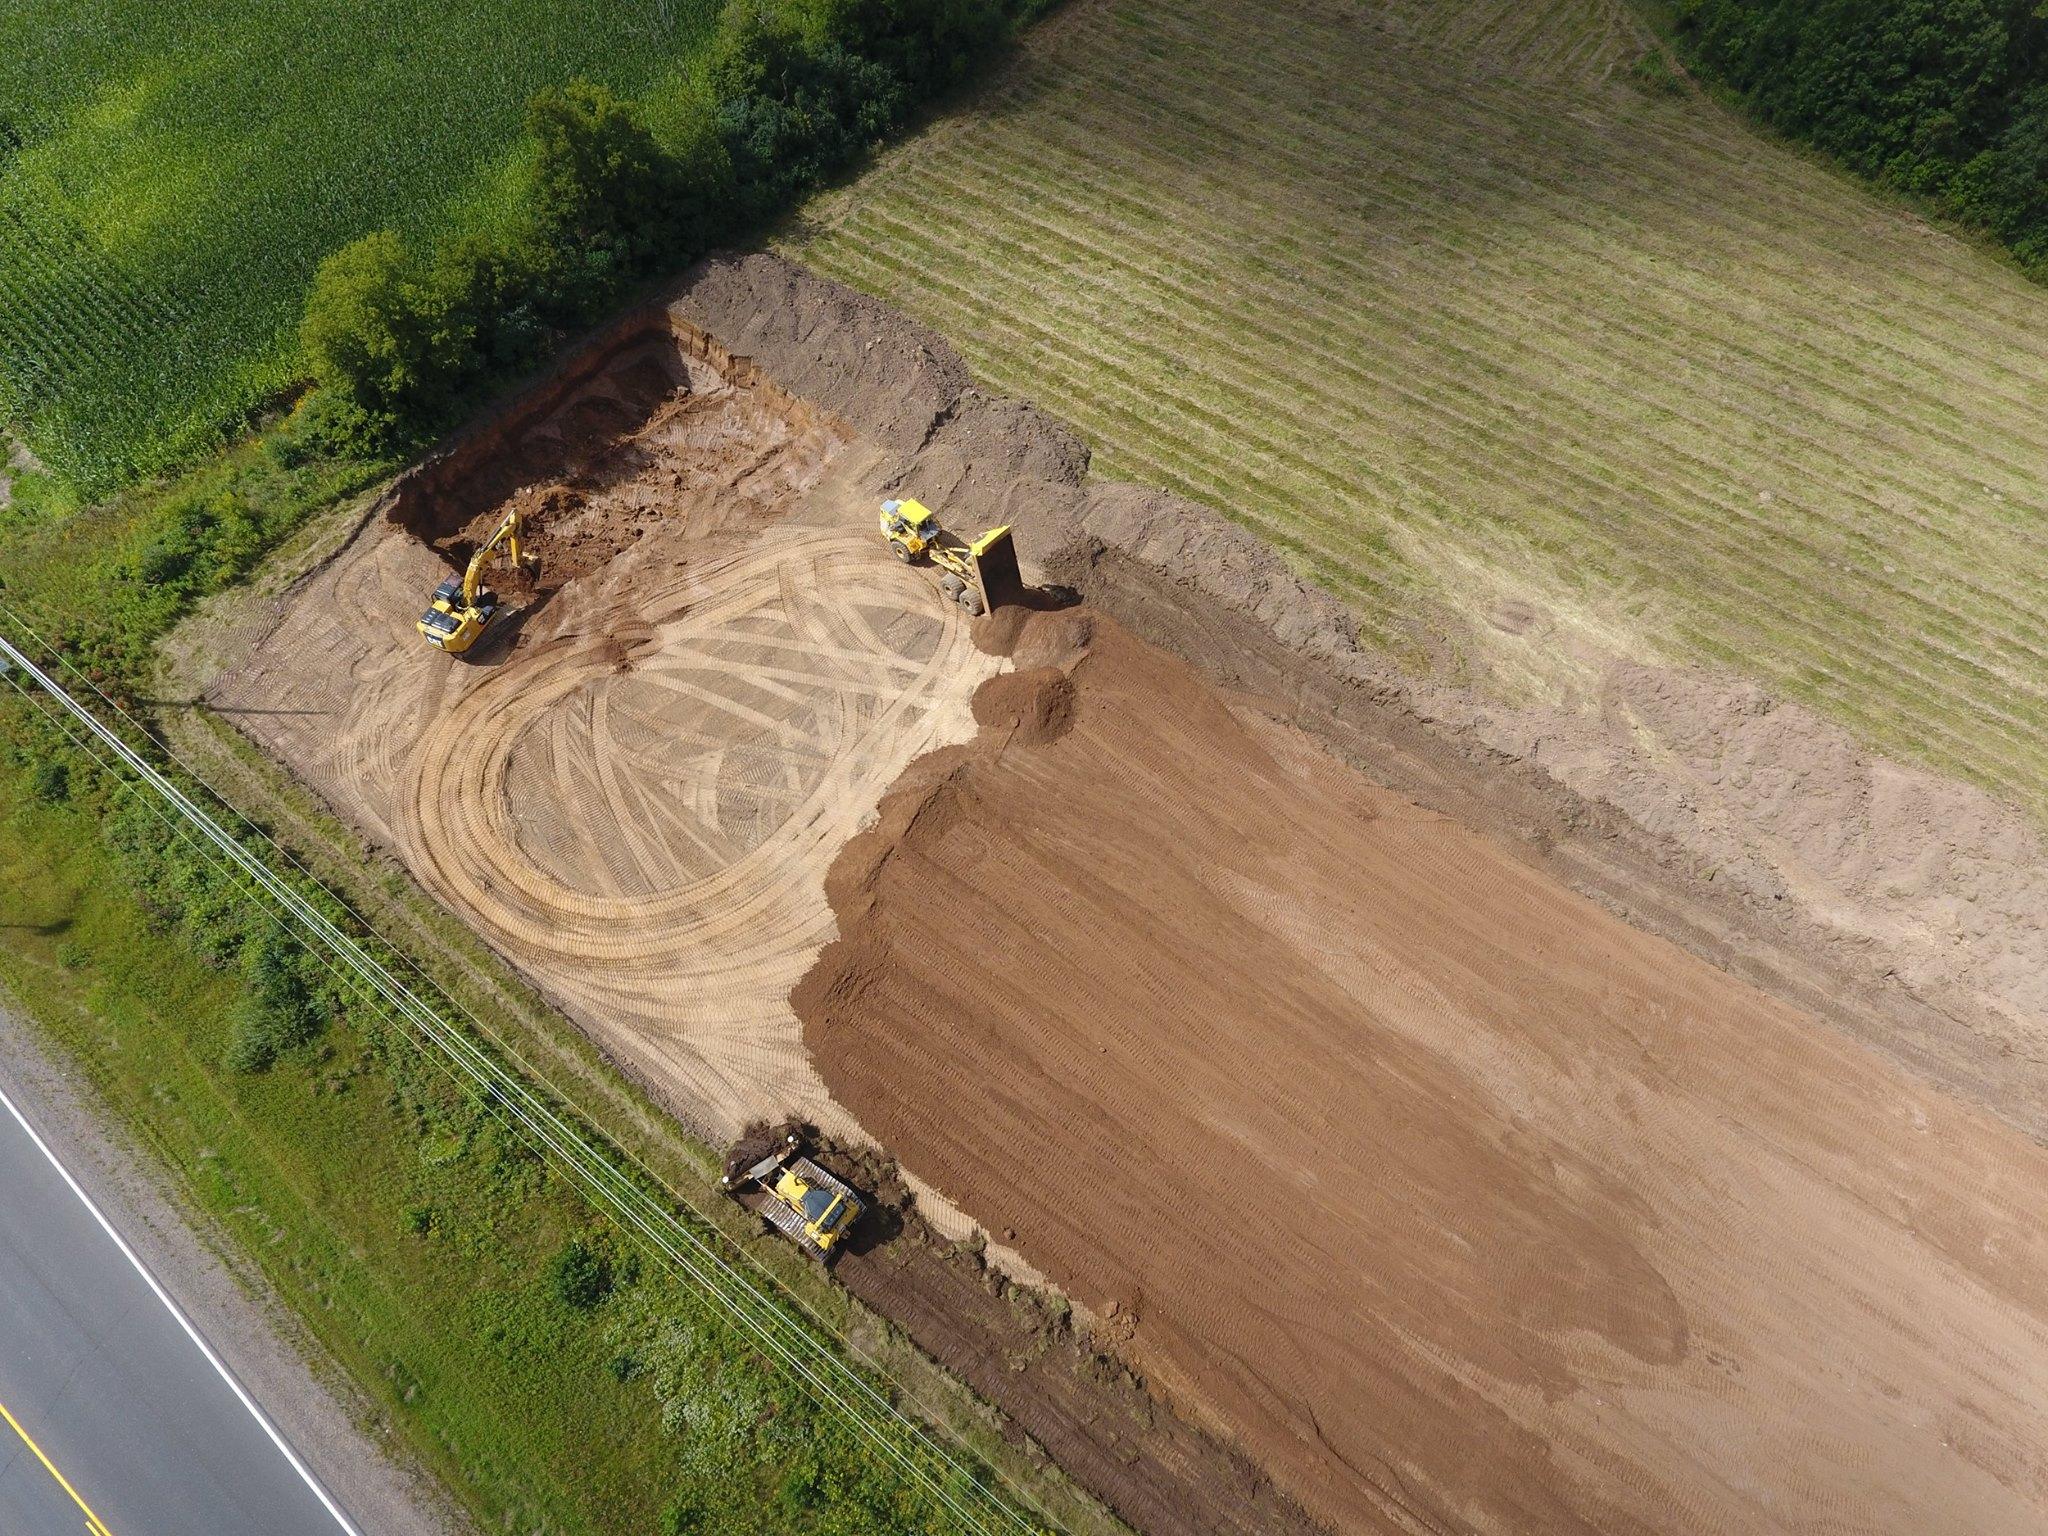 jsgc_excavation_08-24-17_storage-site-prep4.jpg